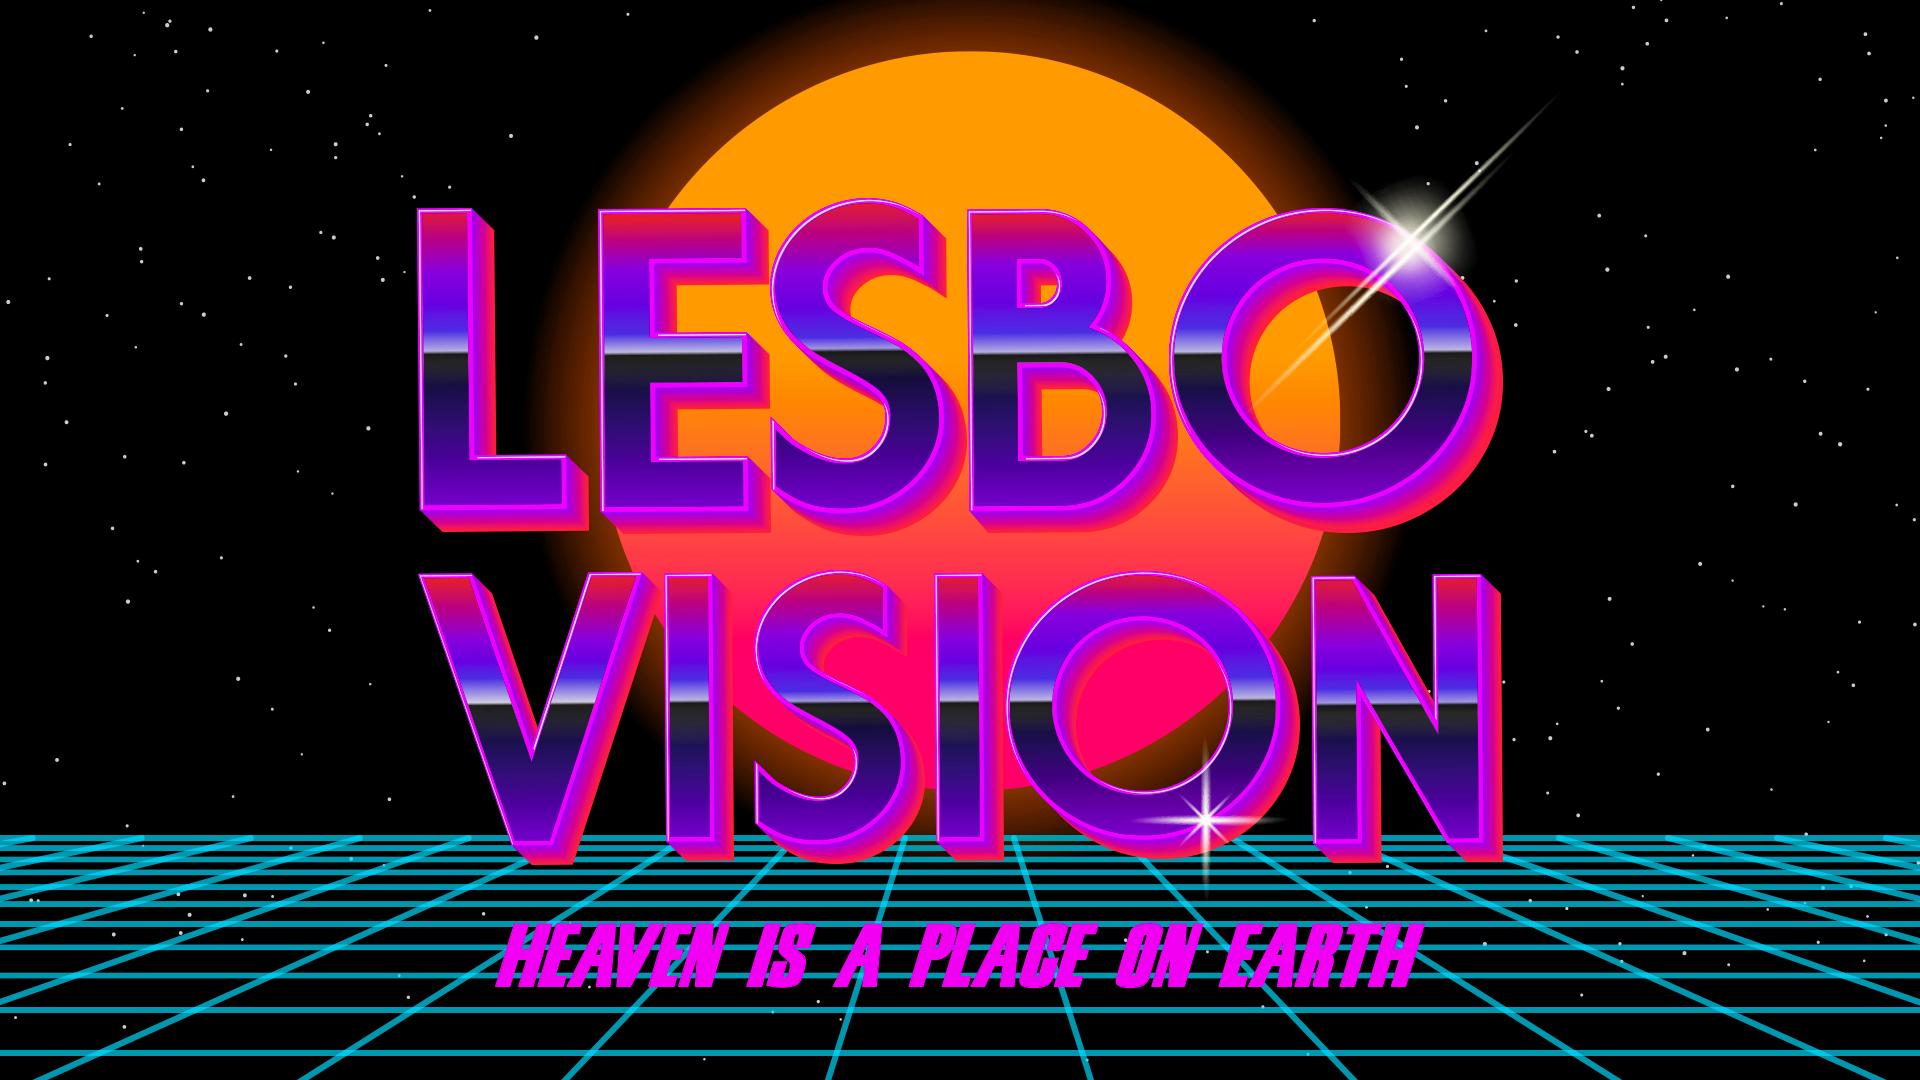 #Lesbovision:on célèbre la journée de la visibilité lesbienne ce soir sur Twitch